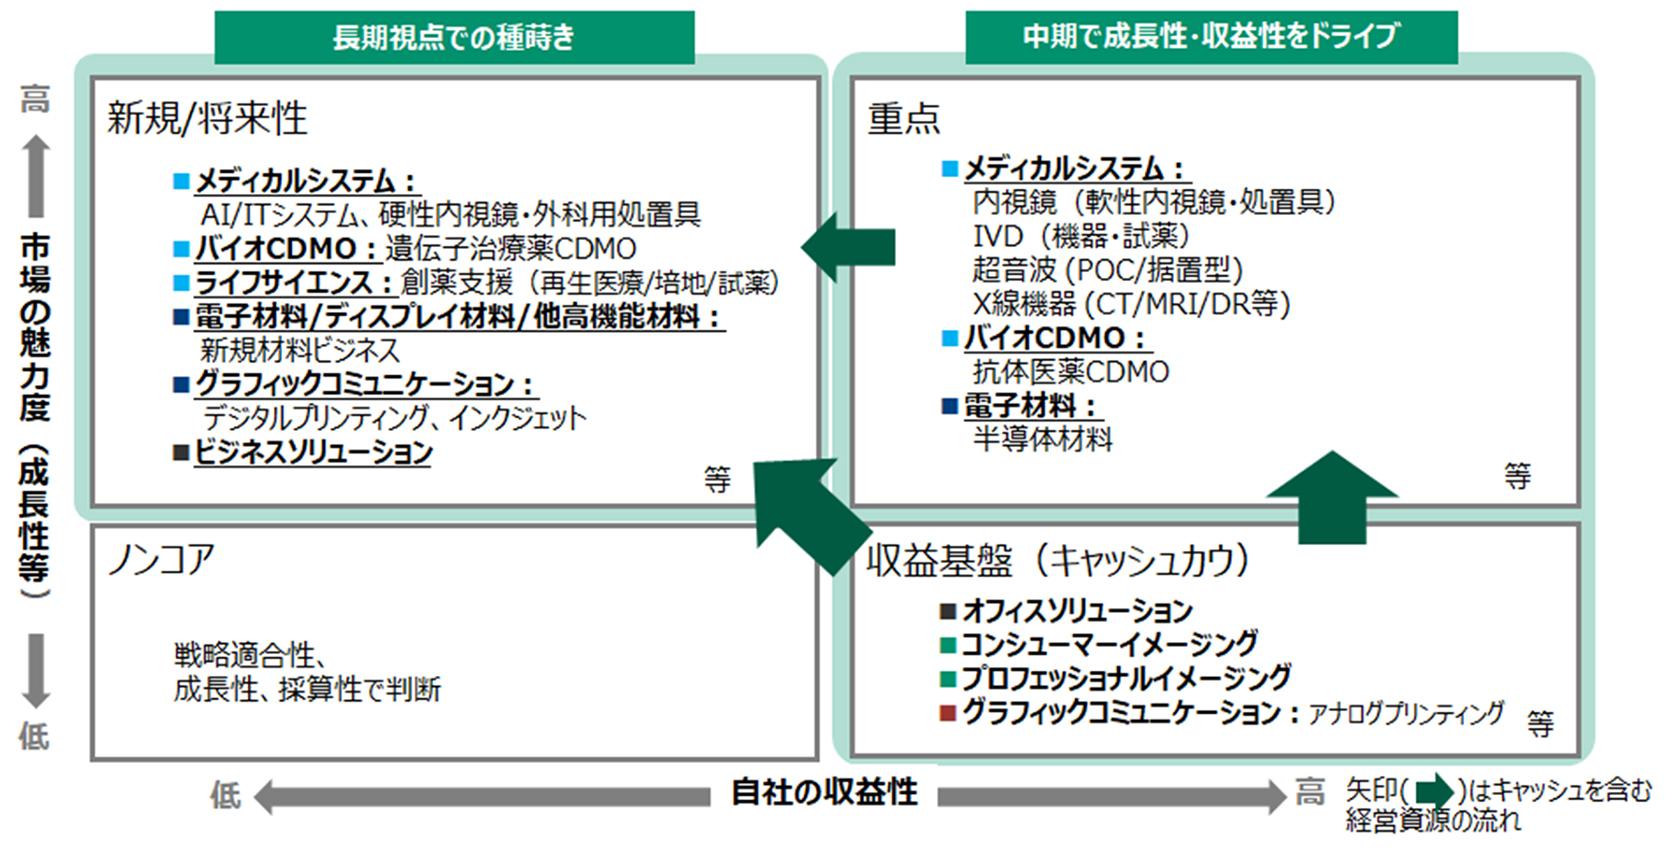 [画像]セグメント内の各事業を「新規/将来性」「重点」「収益基盤」のステージに位置付け、各事業のフェーズに応じた戦略施策を示した図